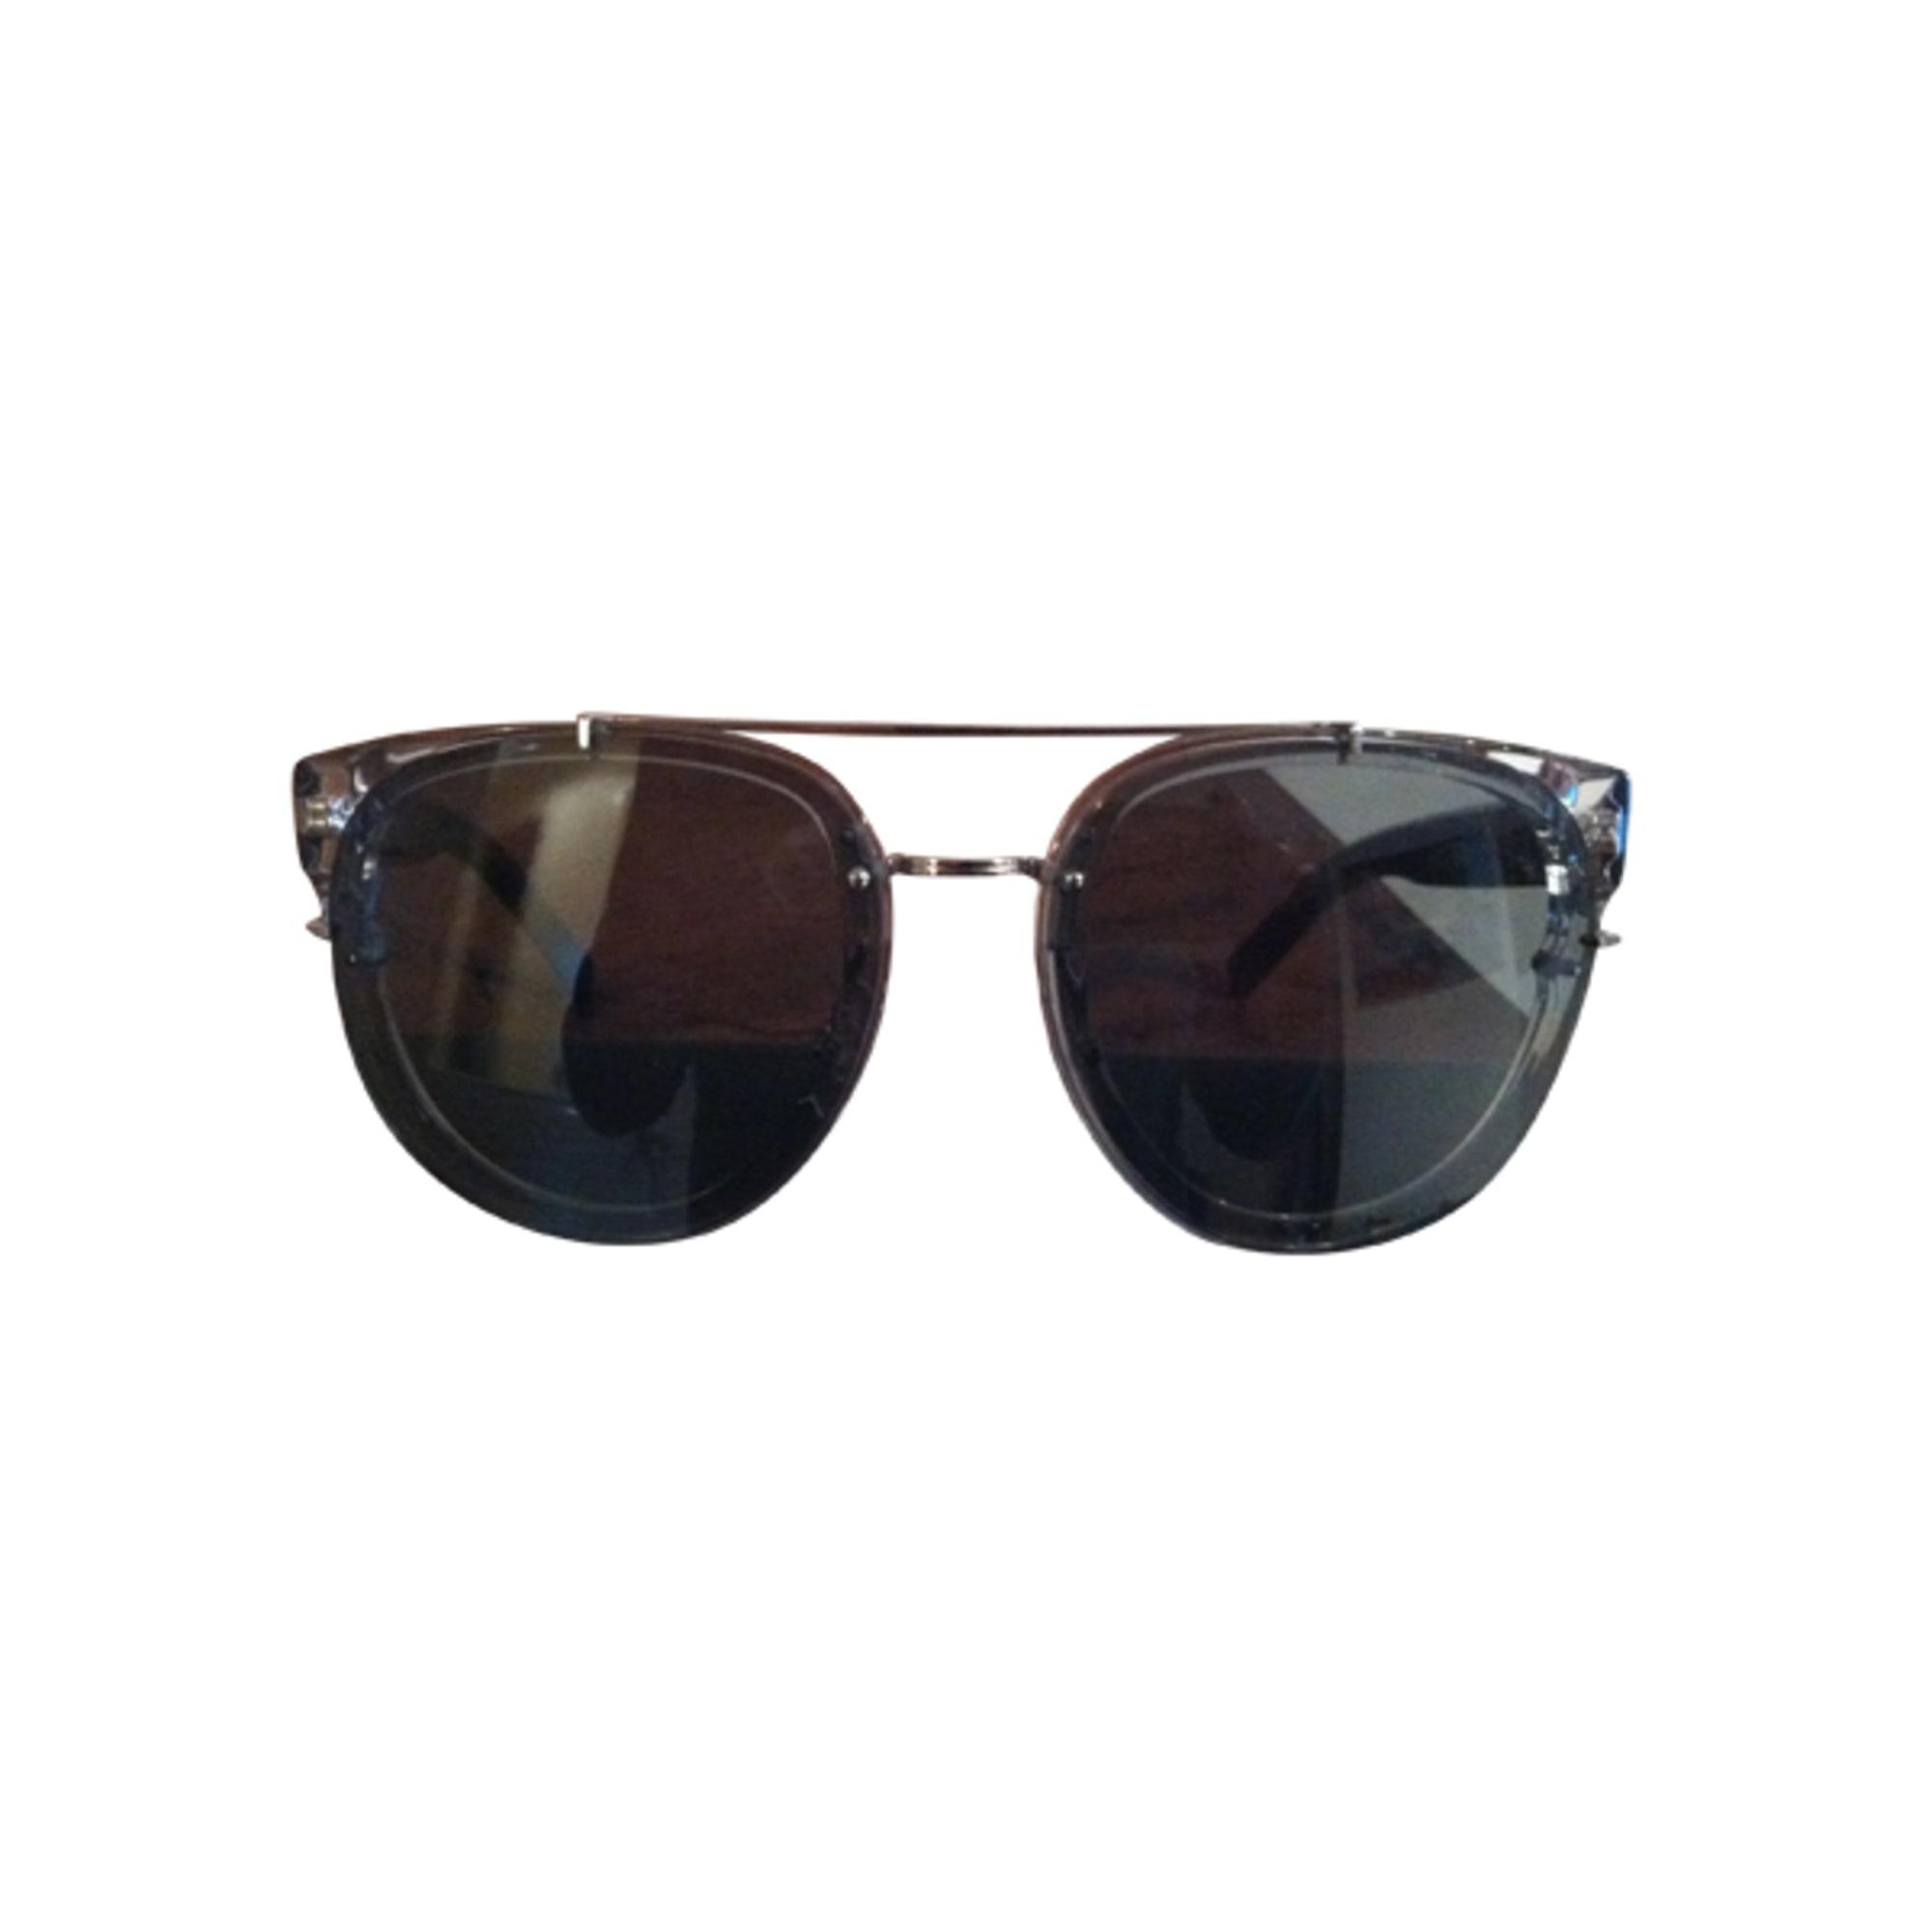 53b3d761ff43f Lunettes de soleil DIOR HOMME noir vendu par Vintageforall92716 ...